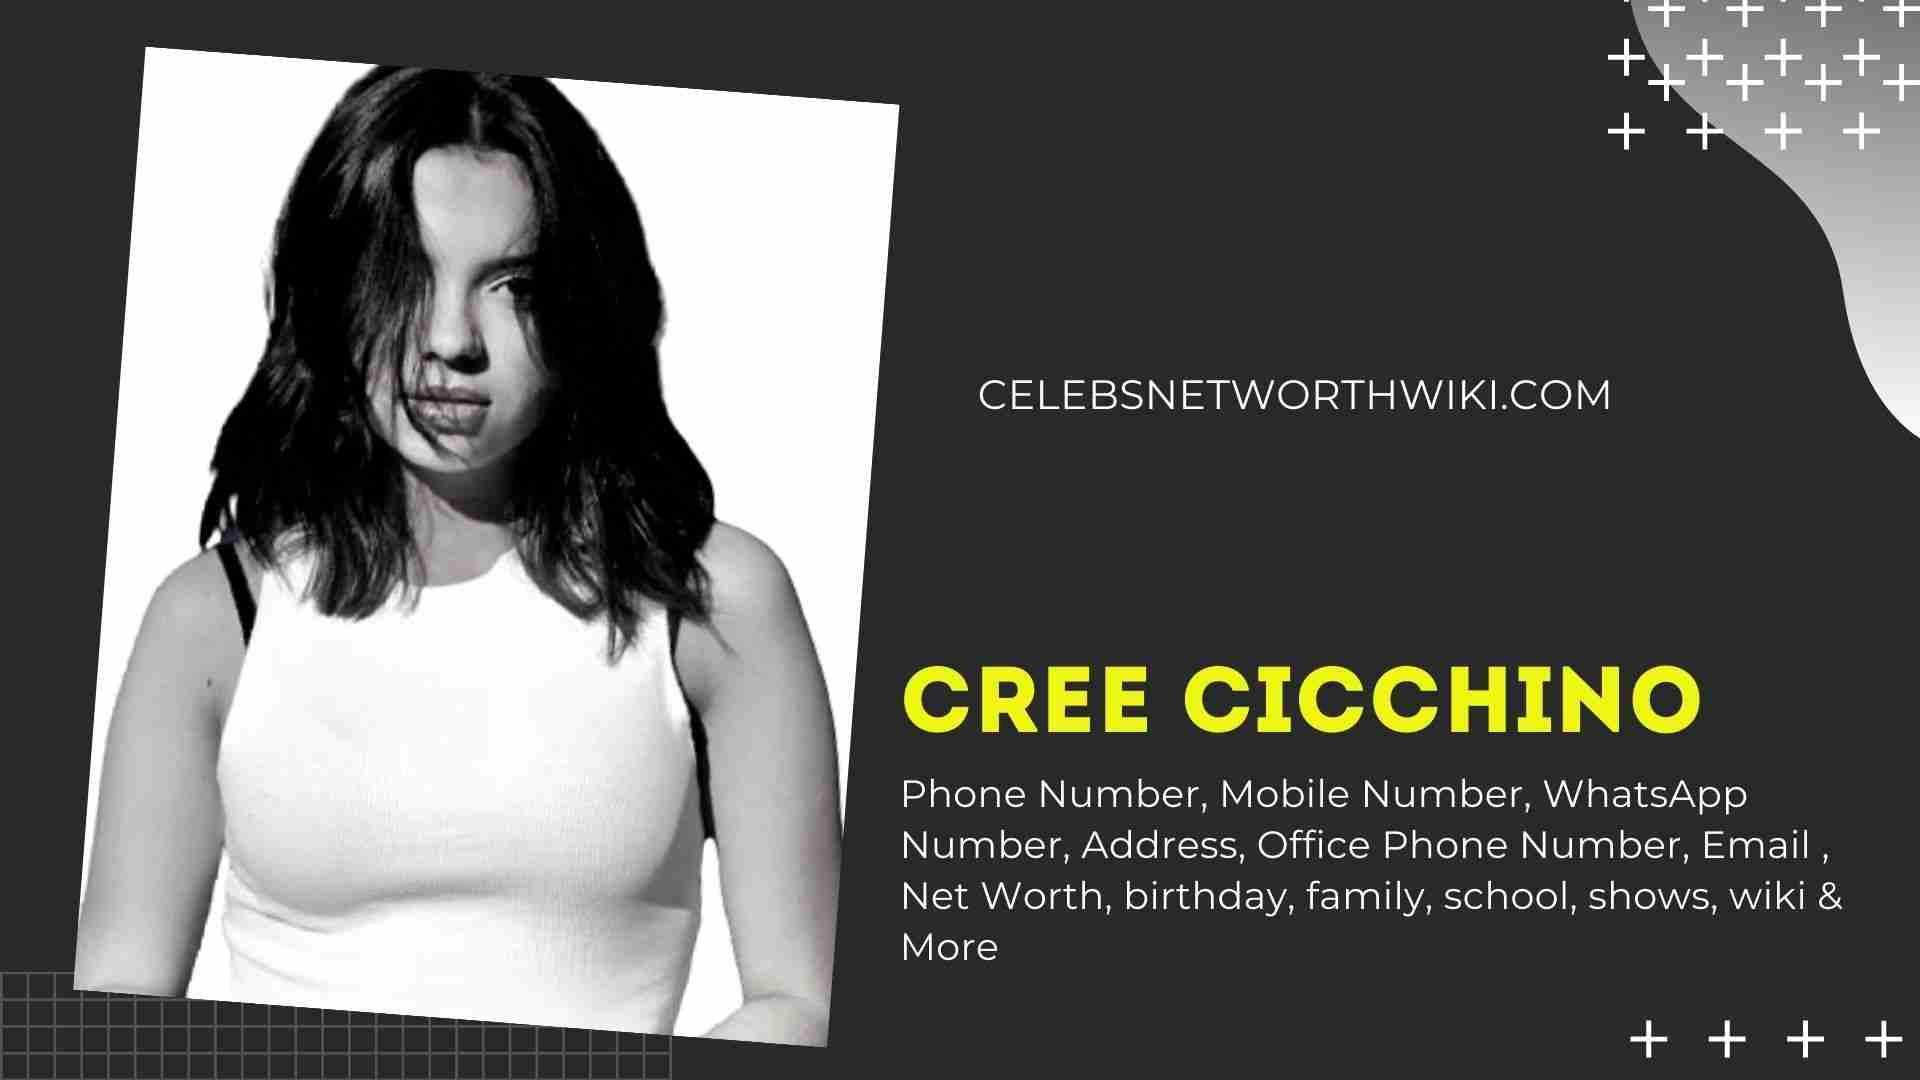 Actress Cree Cicchino visits Hallmarks Home & Family at